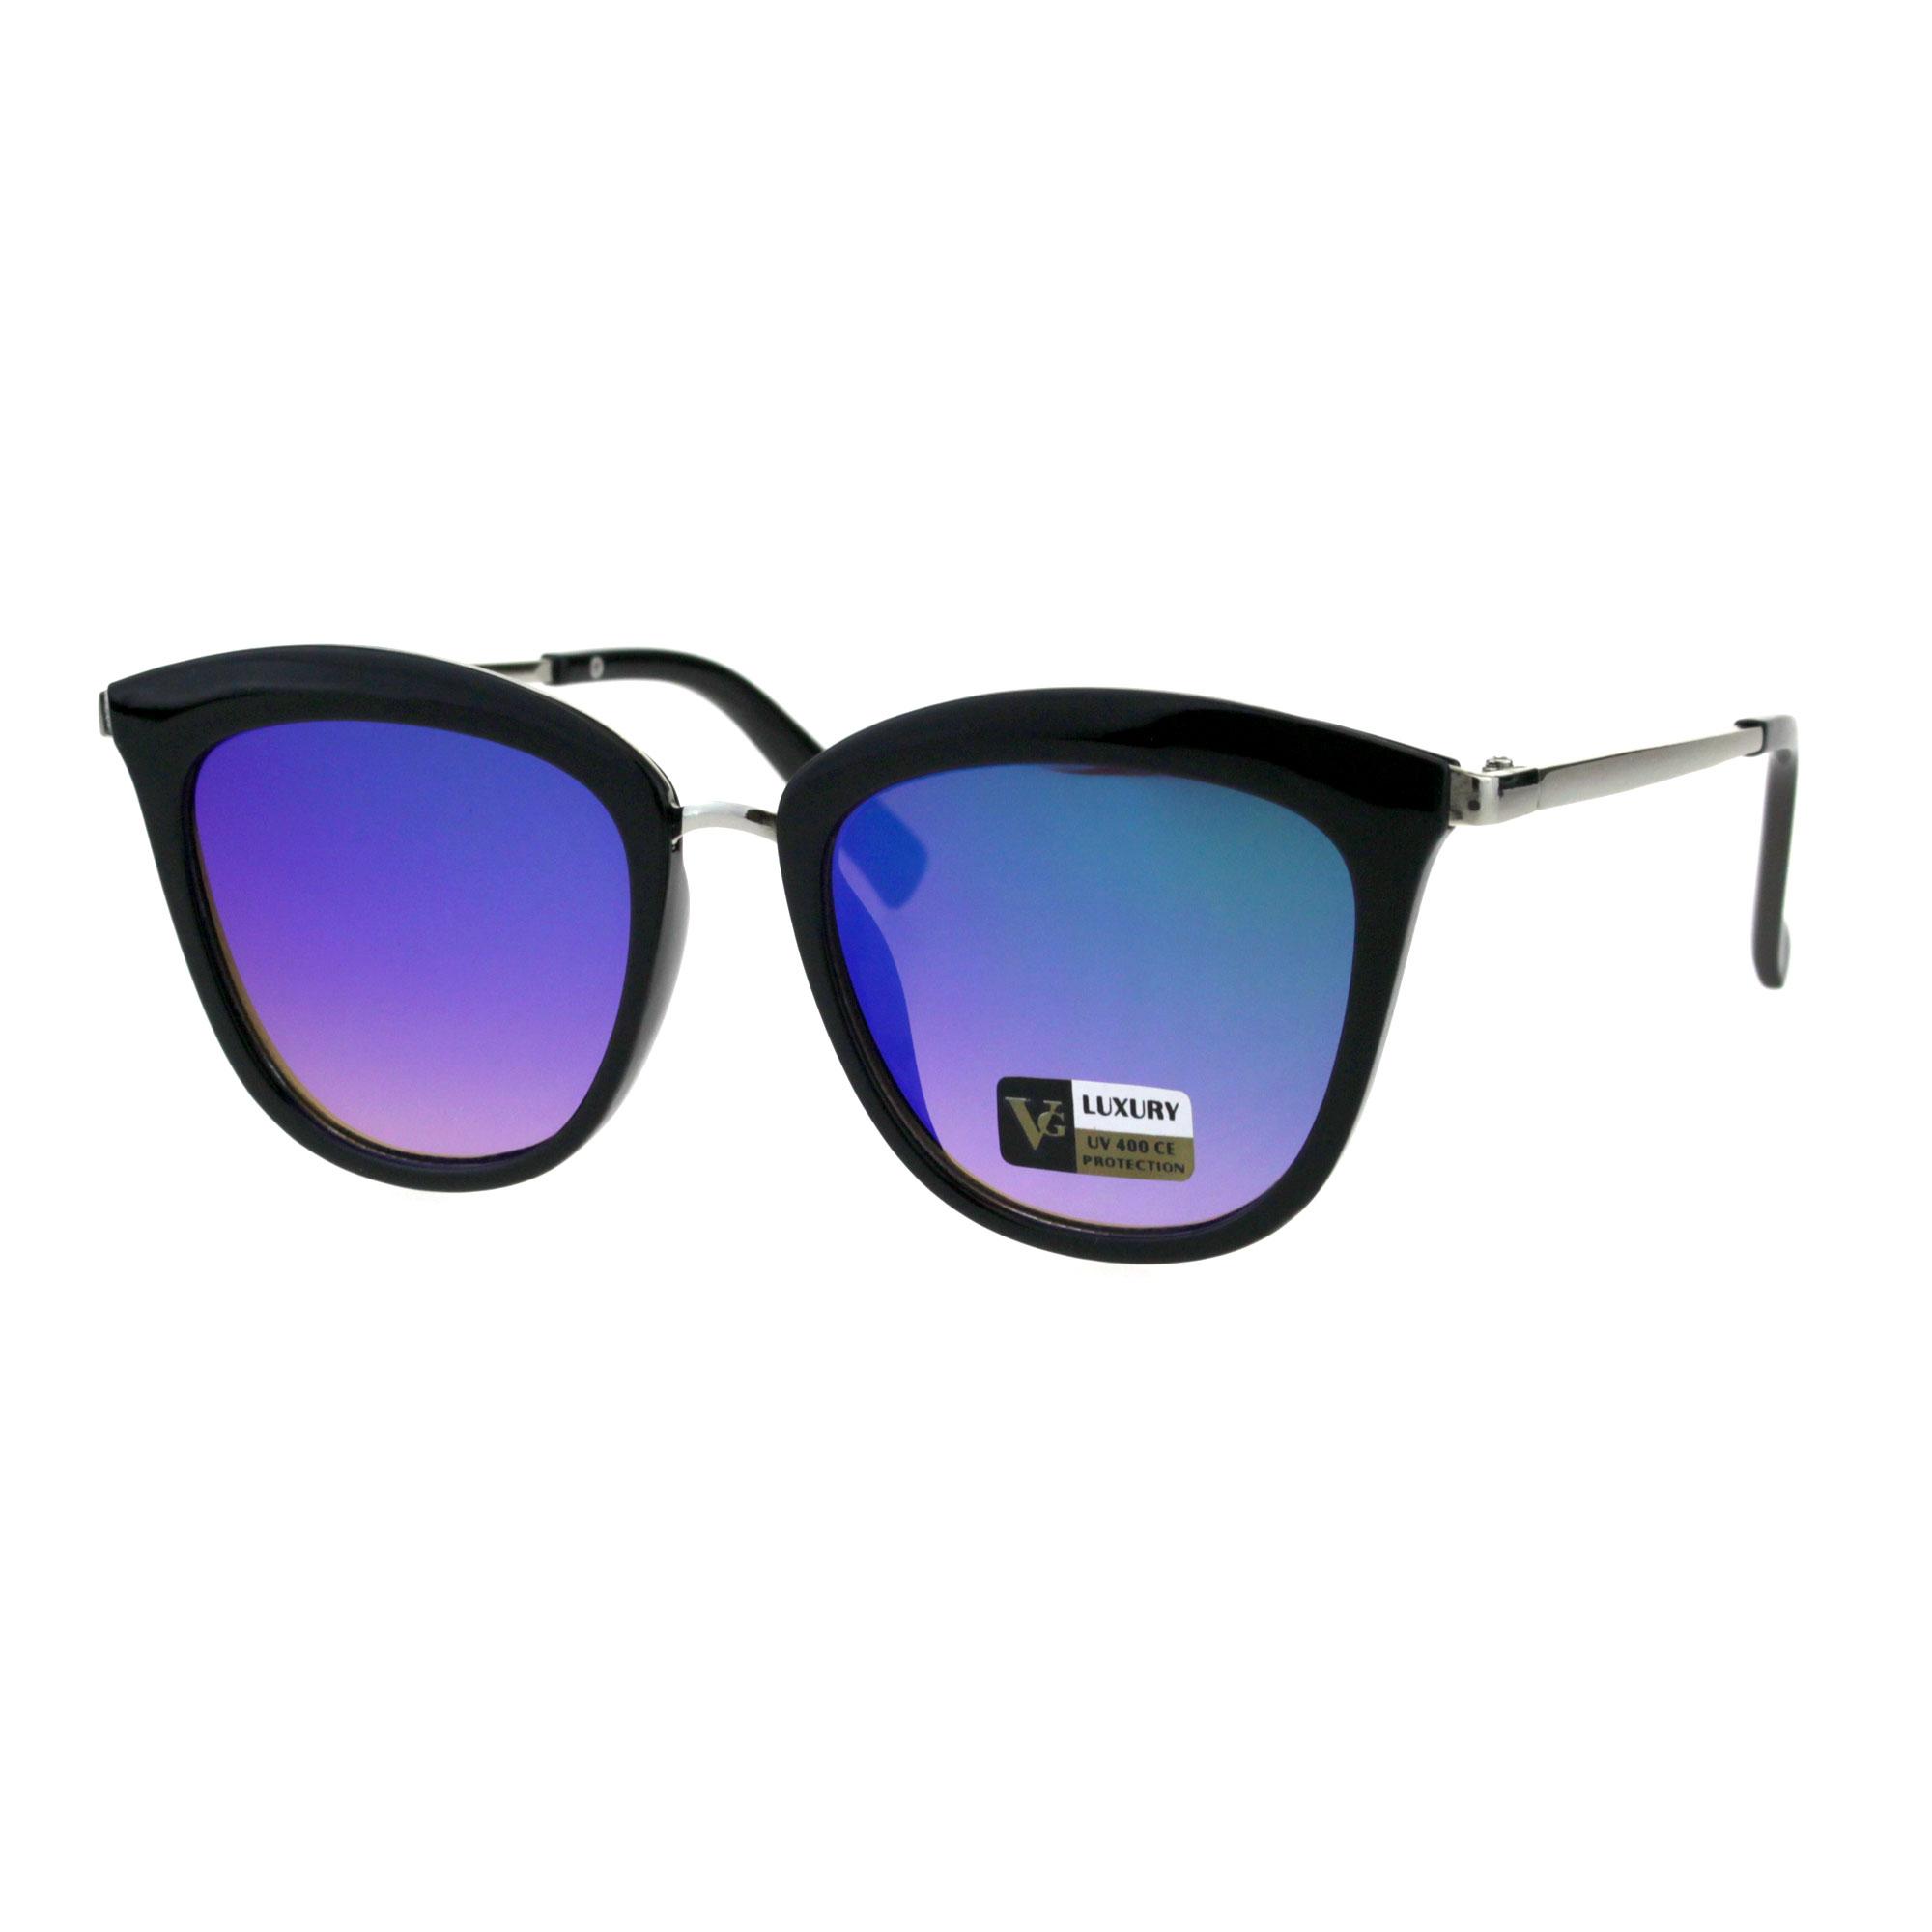 VG Designer Sunglasses Womens Ladies Cat Eye Vintage Large Black UV400 V2 New